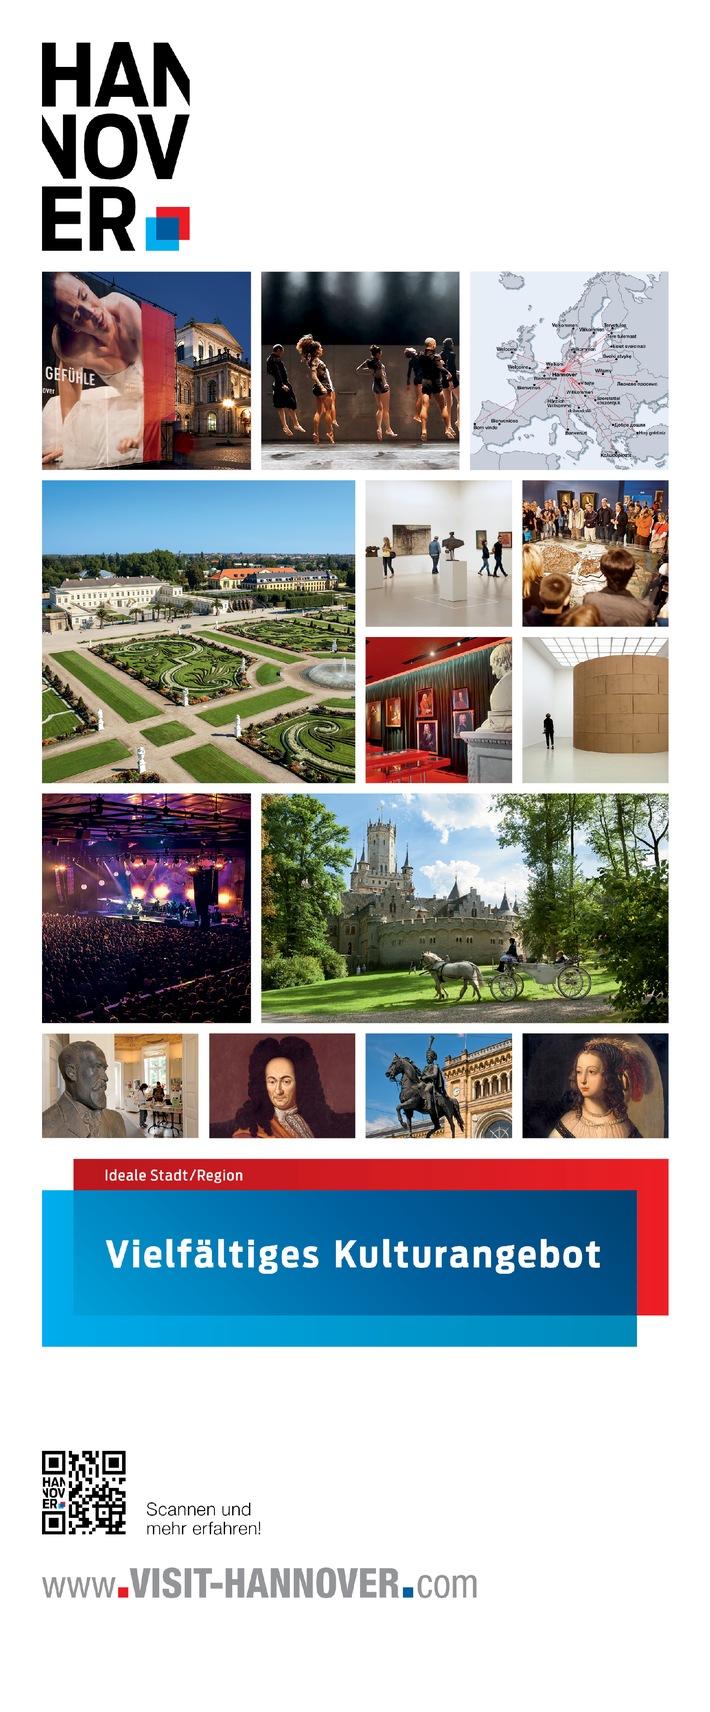 Vorhang auf für ein spannendes Kulturjahr 2015 in Hannover